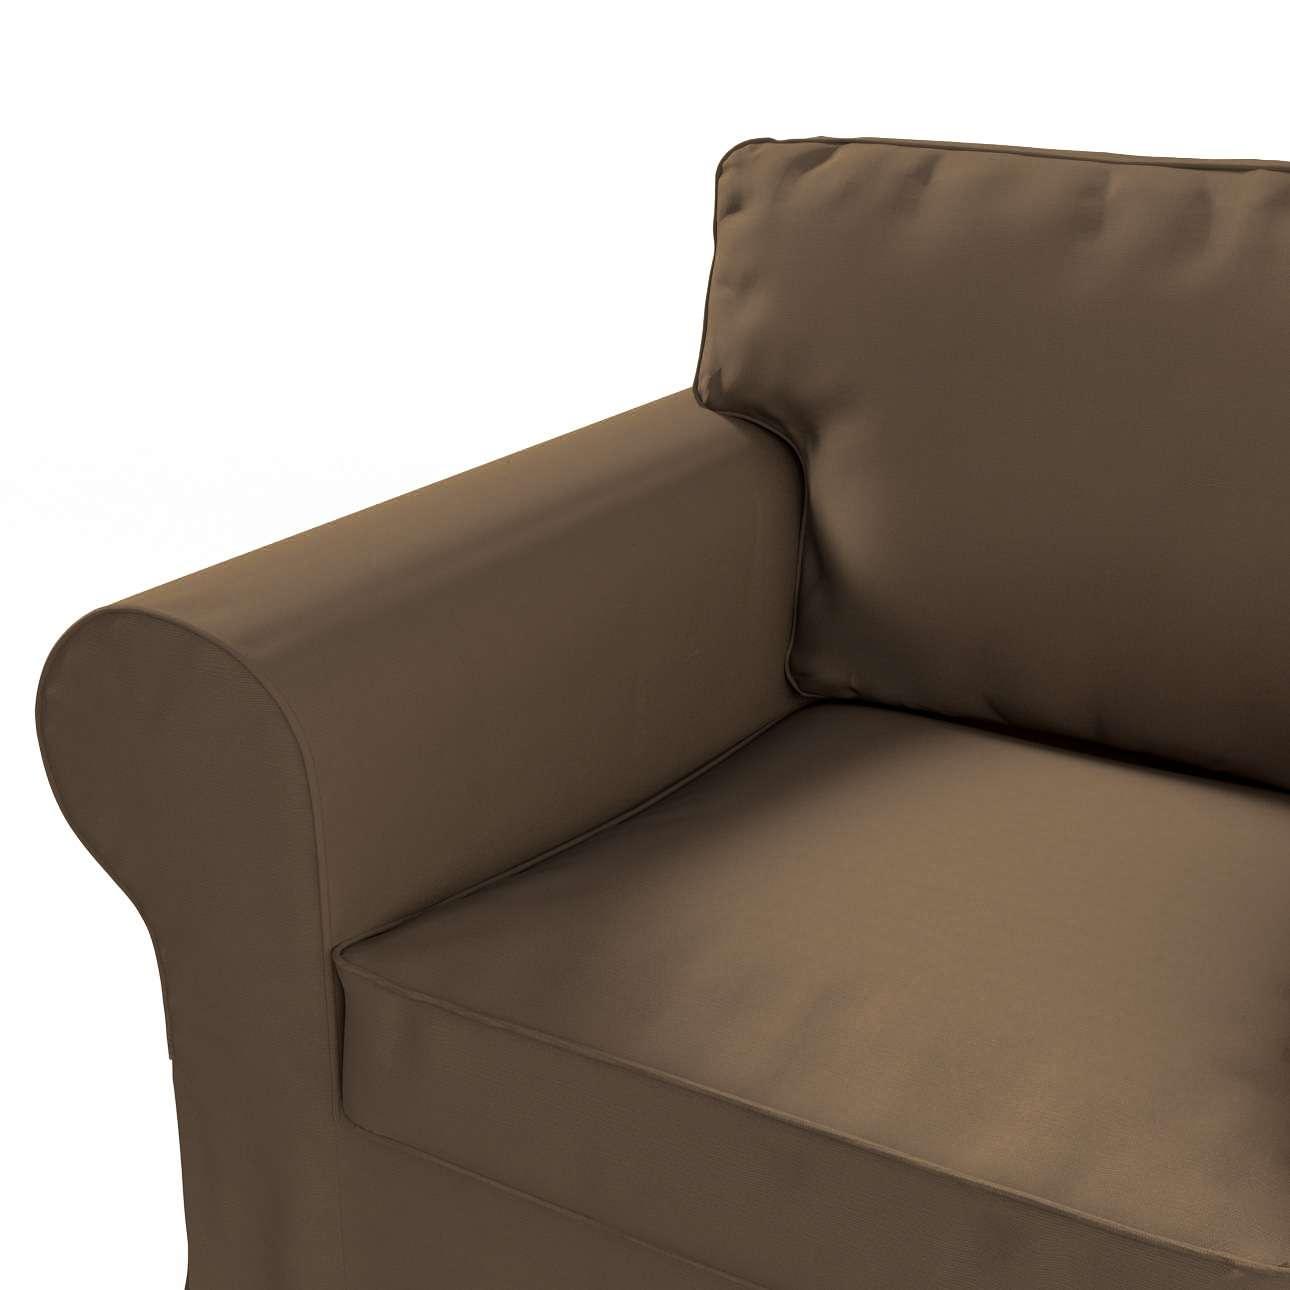 Pokrowiec na fotel Ektorp Fotel Ektorp w kolekcji Cotton Panama, tkanina: 702-02